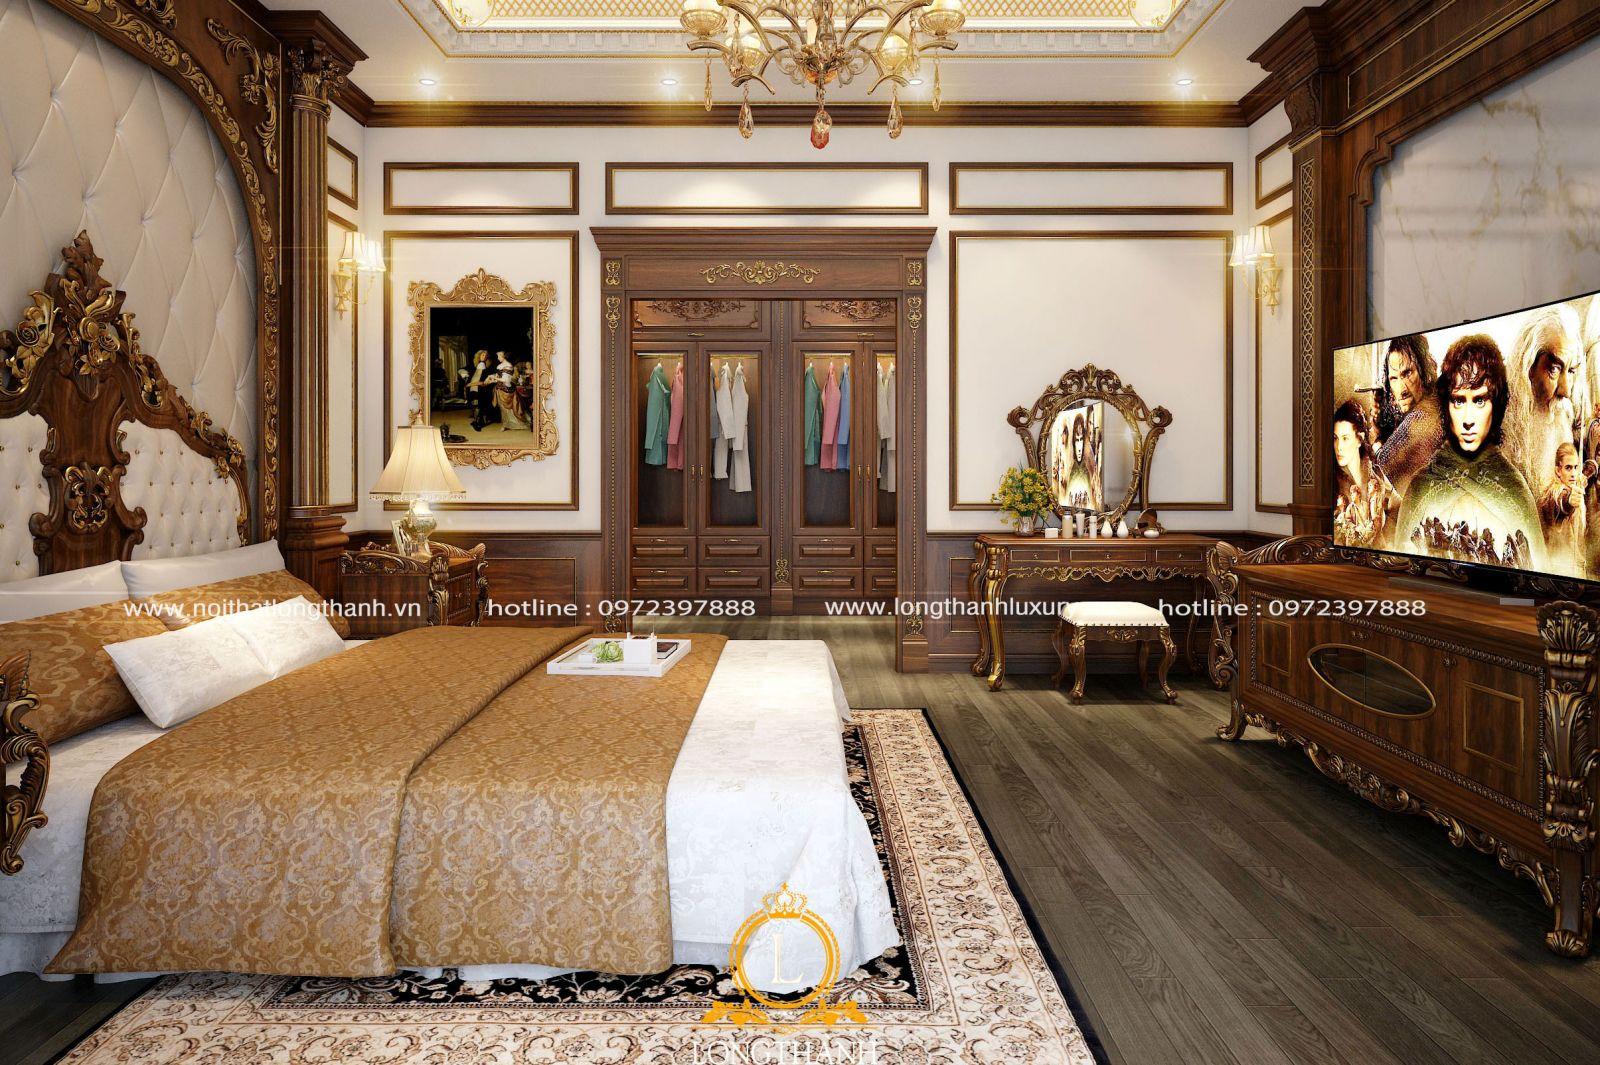 Nội thất phòng ngủ master dát vàng sang trọng